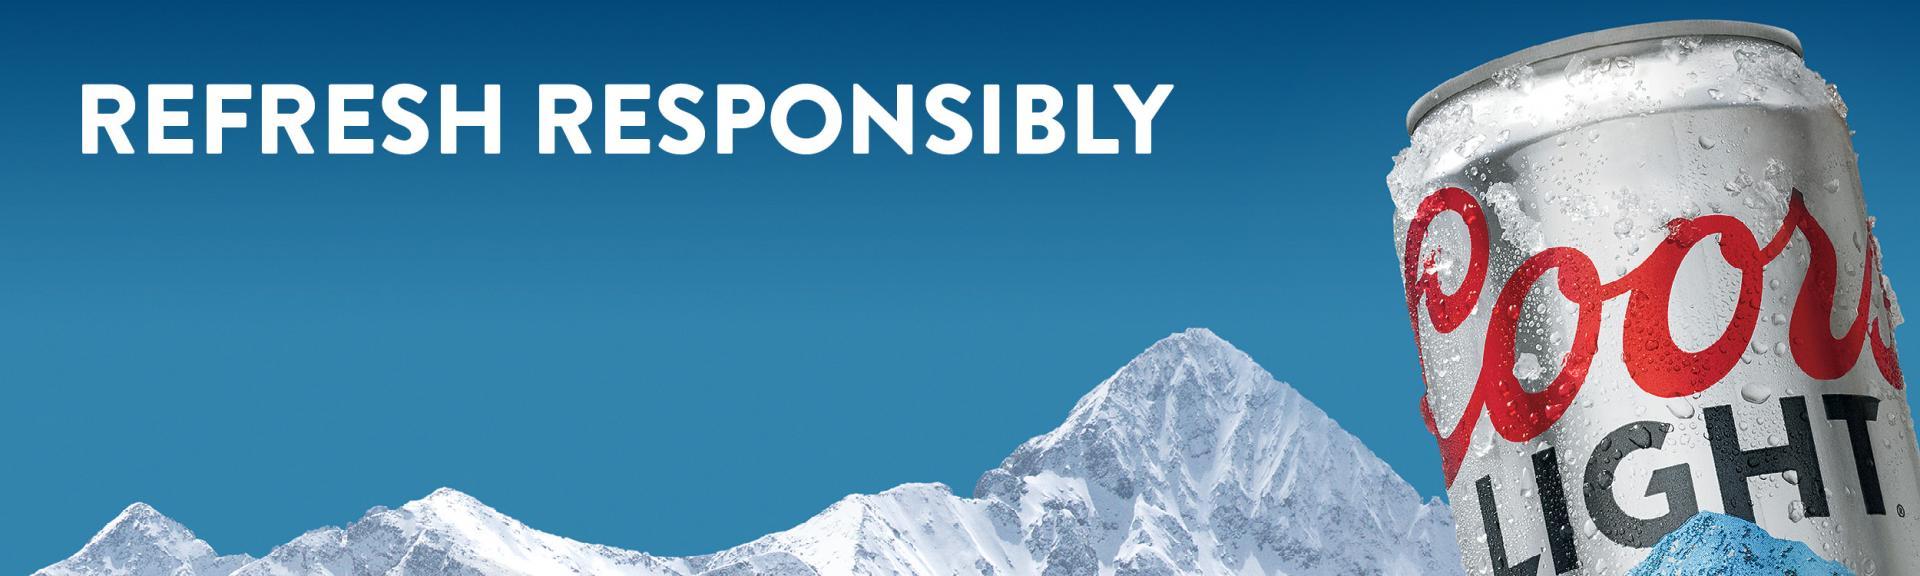 Refresh Responsibly